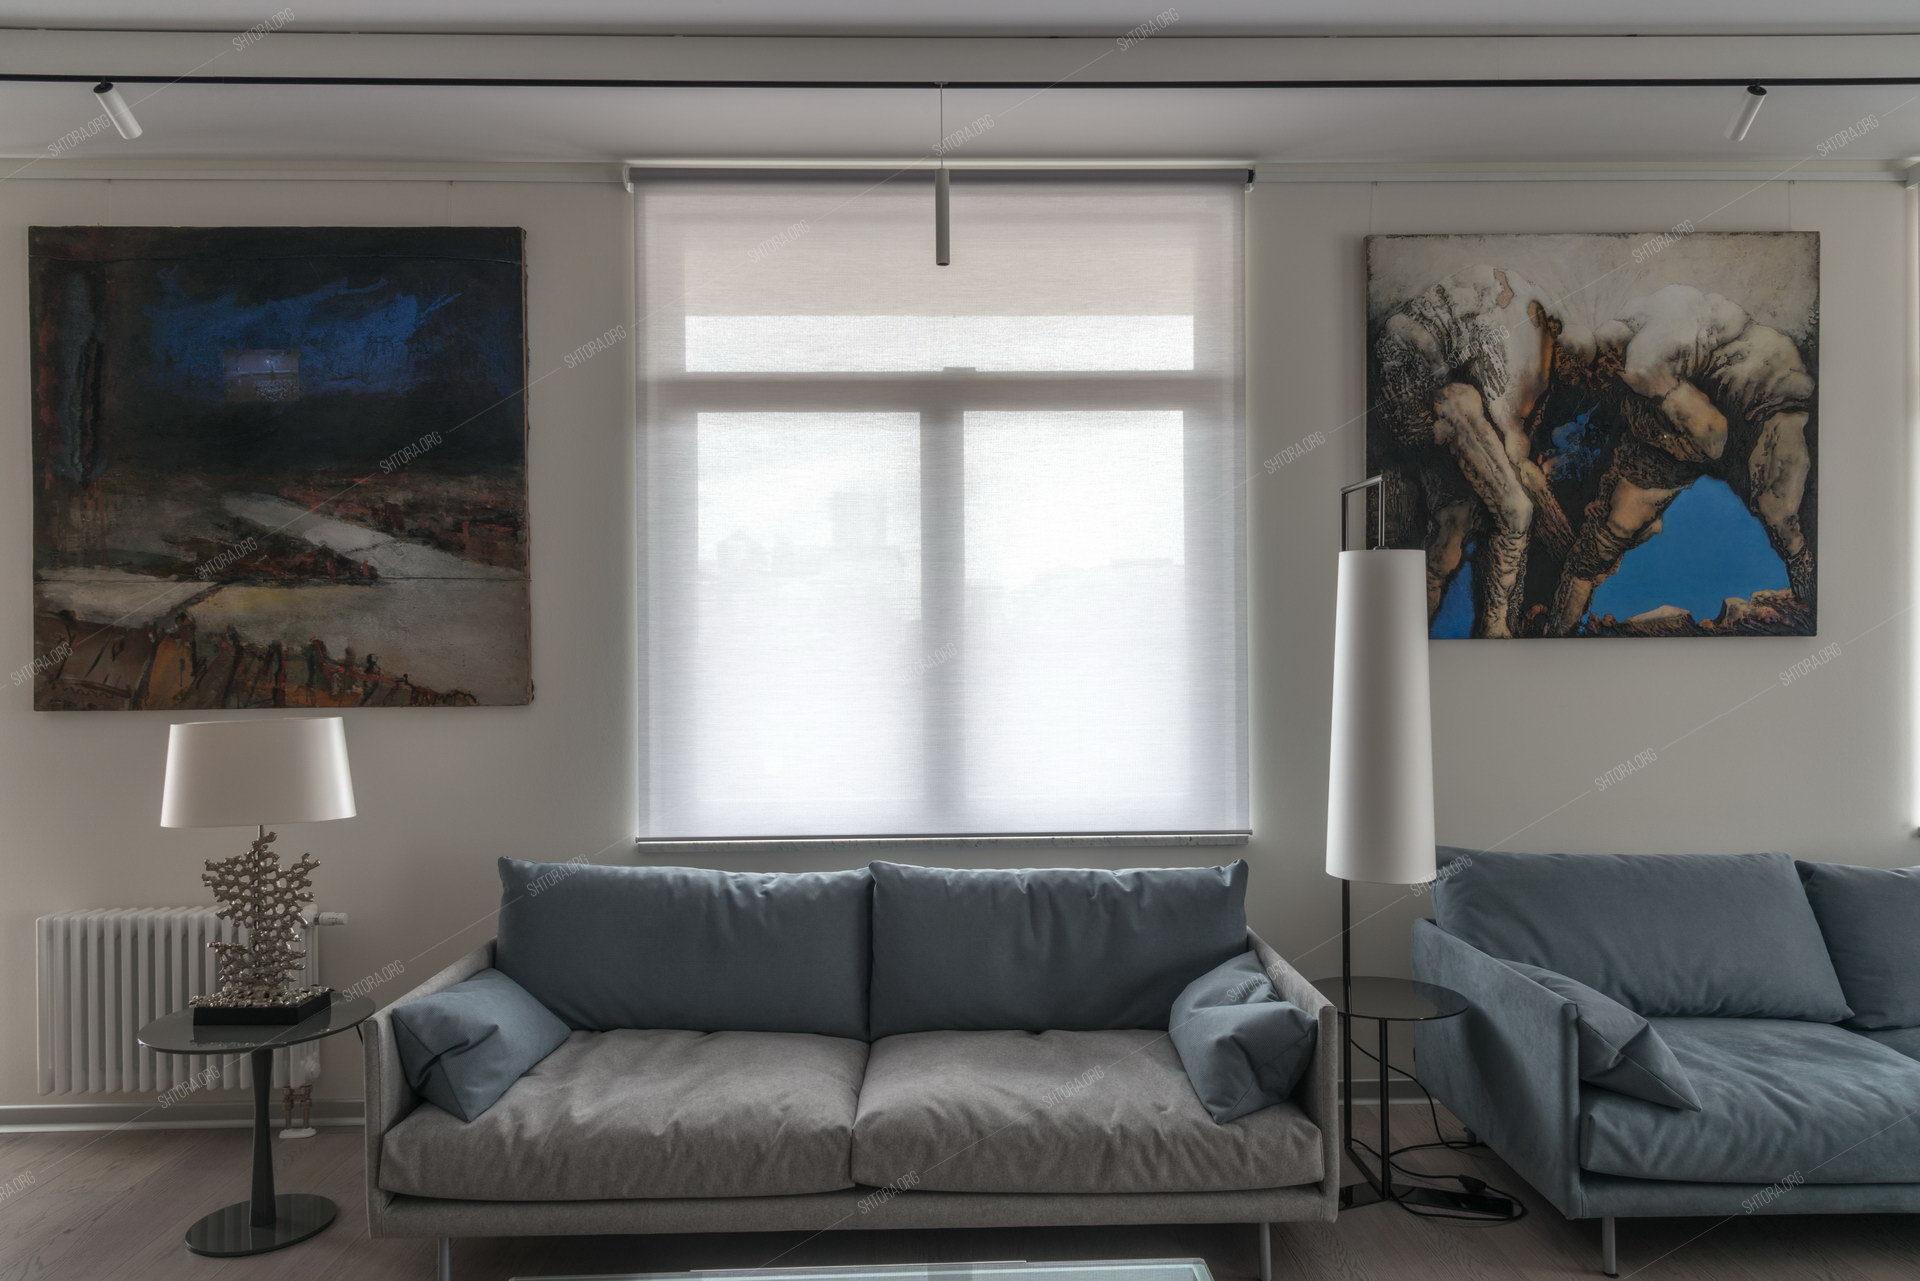 Текстильное оформление интерьера с электроуправляемыми системами для штор